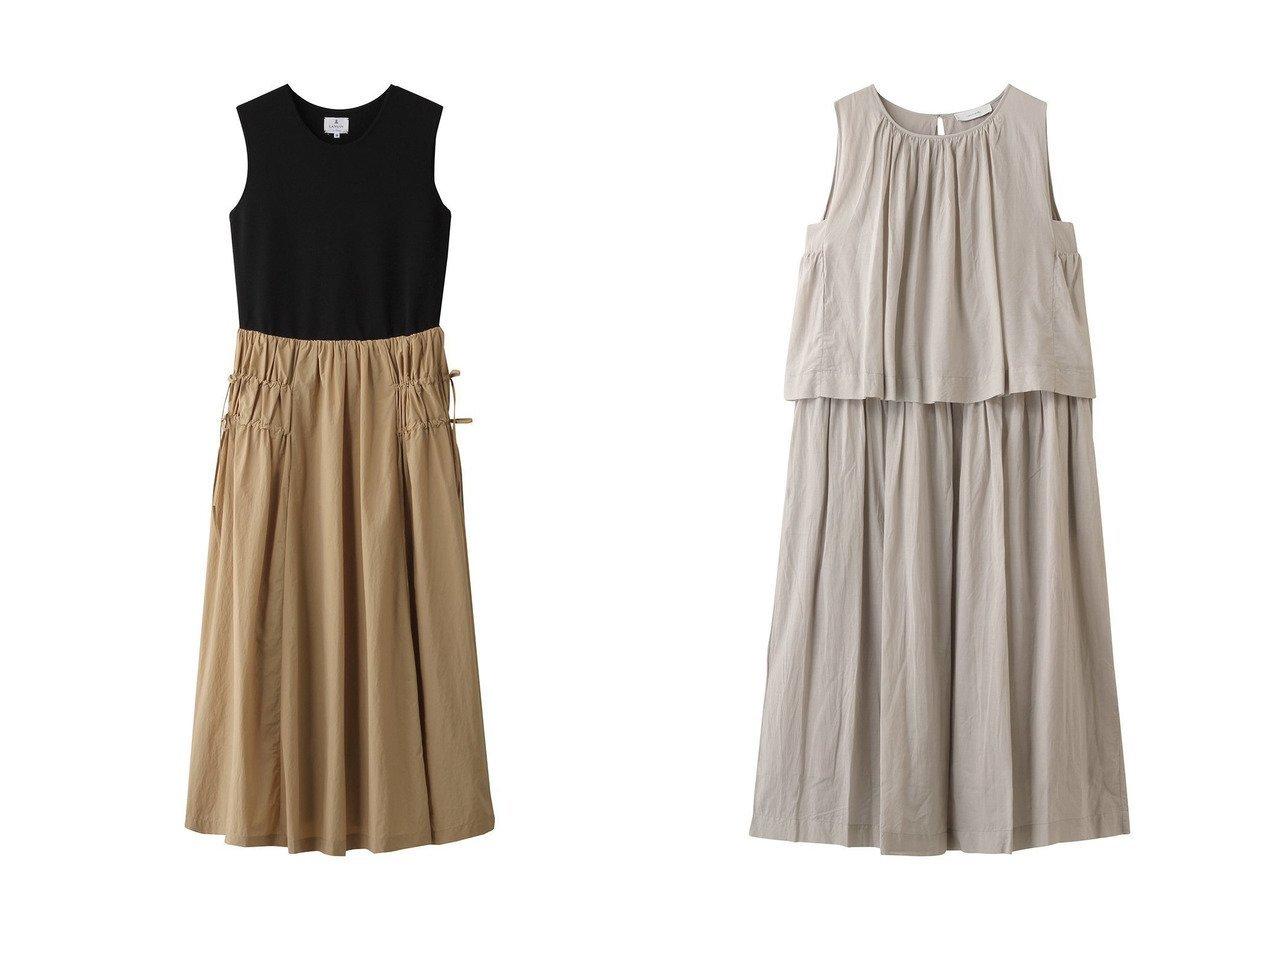 【LANVIN en Bleu/ランバン オン ブルー】のニットコンビナイロンワンピース&【normment/ノーメント】のレイヤードドレス 【ワンピース・ドレス】おすすめ!人気、トレンド・レディースファッションの通販 おすすめで人気の流行・トレンド、ファッションの通販商品 インテリア・家具・メンズファッション・キッズファッション・レディースファッション・服の通販 founy(ファニー) https://founy.com/ ファッション Fashion レディースファッション WOMEN ワンピース Dress チュニック Tunic ドレス Party Dresses 2020年 2020 2020-2021秋冬・A/W AW・Autumn/Winter・FW・Fall-Winter/2020-2021 2021年 2021 2021-2022秋冬・A/W AW・Autumn/Winter・FW・Fall-Winter・2021-2022 A/W・秋冬 AW・Autumn/Winter・FW・Fall-Winter コンビ チュニック ドッキング ノースリーブ リボン ロング ギャザー セットアップ  ID:crp329100000060590